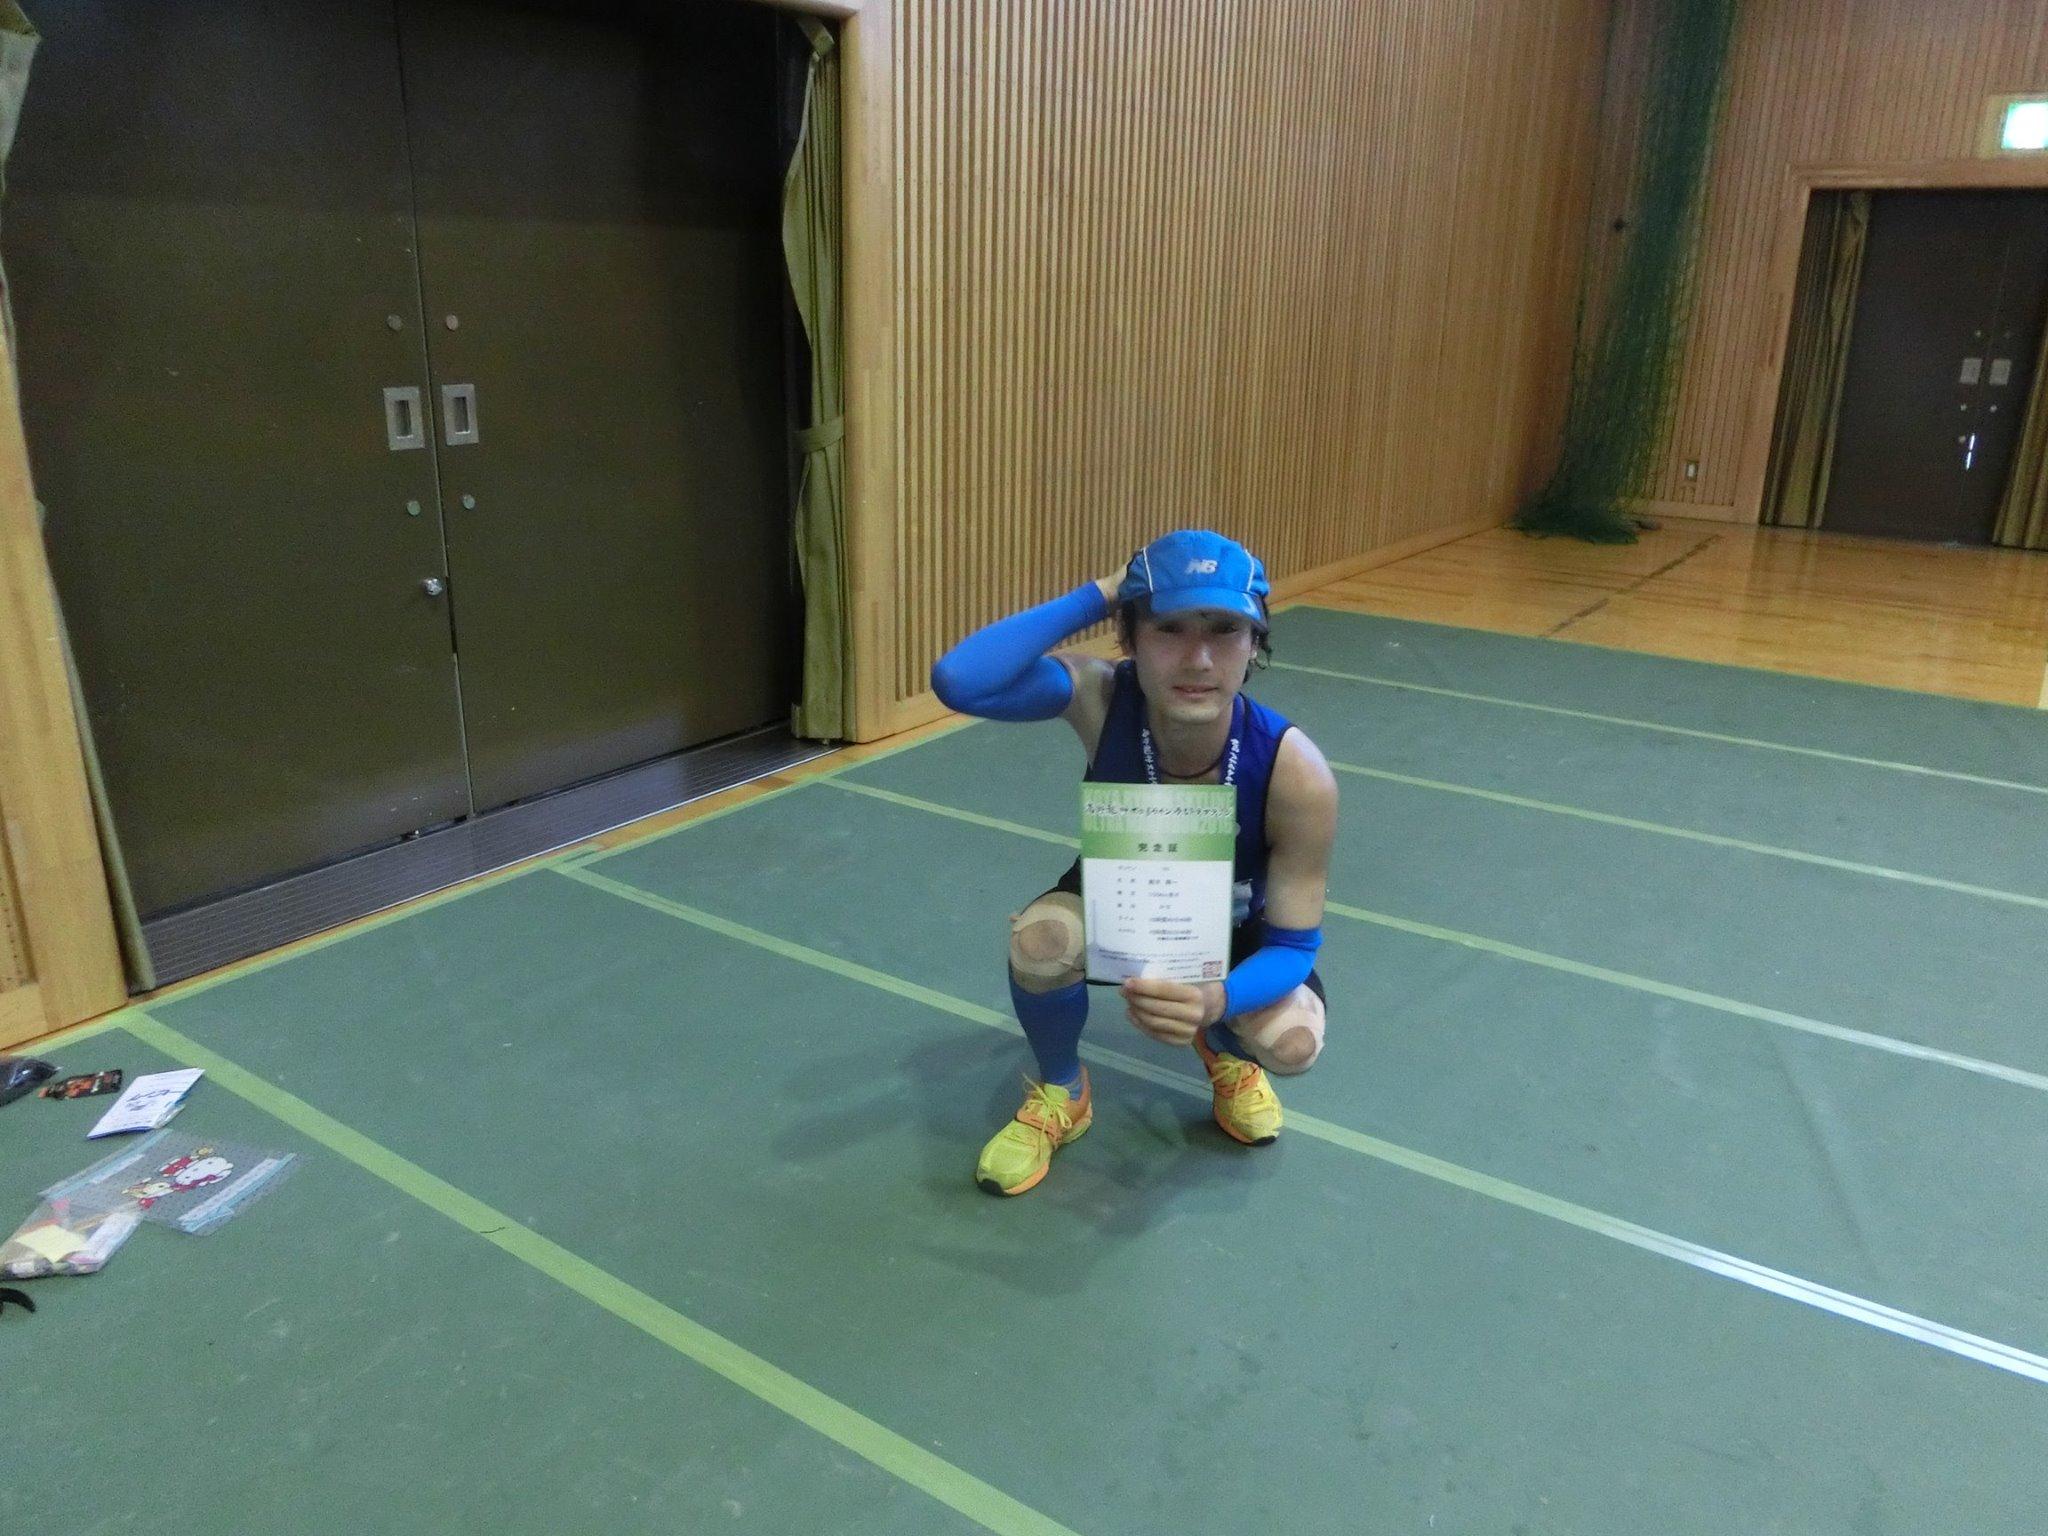 高野龍神スカイラインウルトラマラソン完走記2016 ~世界遺産、世界最恐~